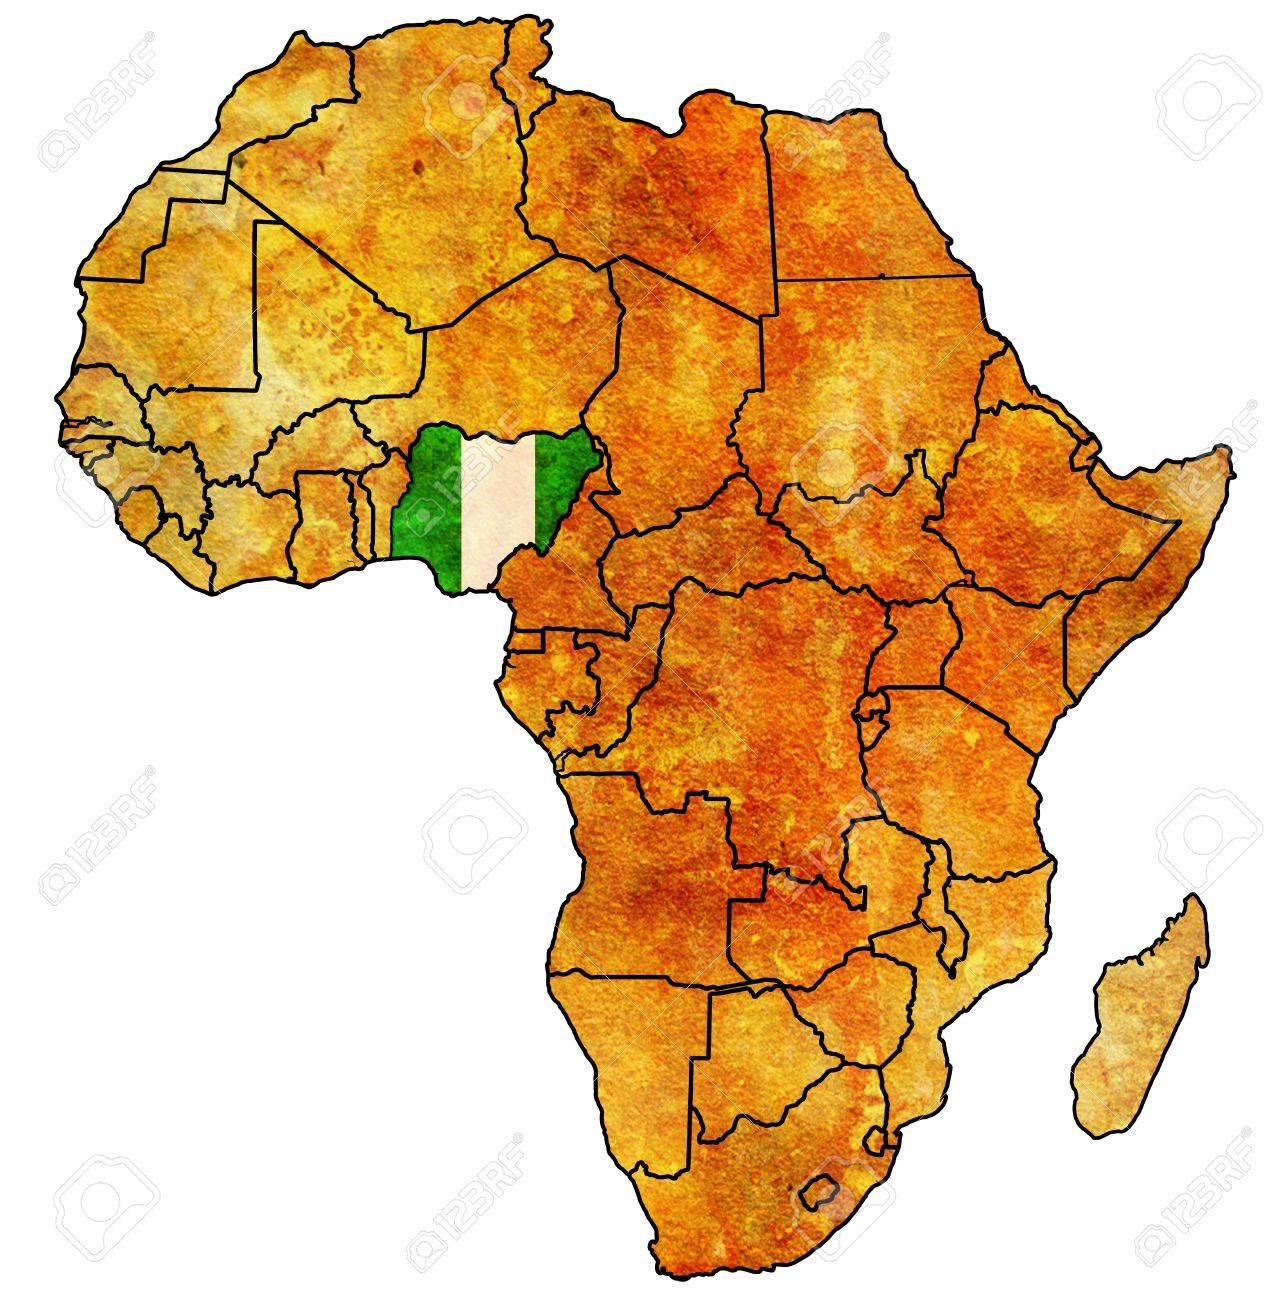 Carte Afrique Nigeria.Nigeria Sur La Carte Politique Reelle De Cru De L Afrique Avec Des Drapeaux